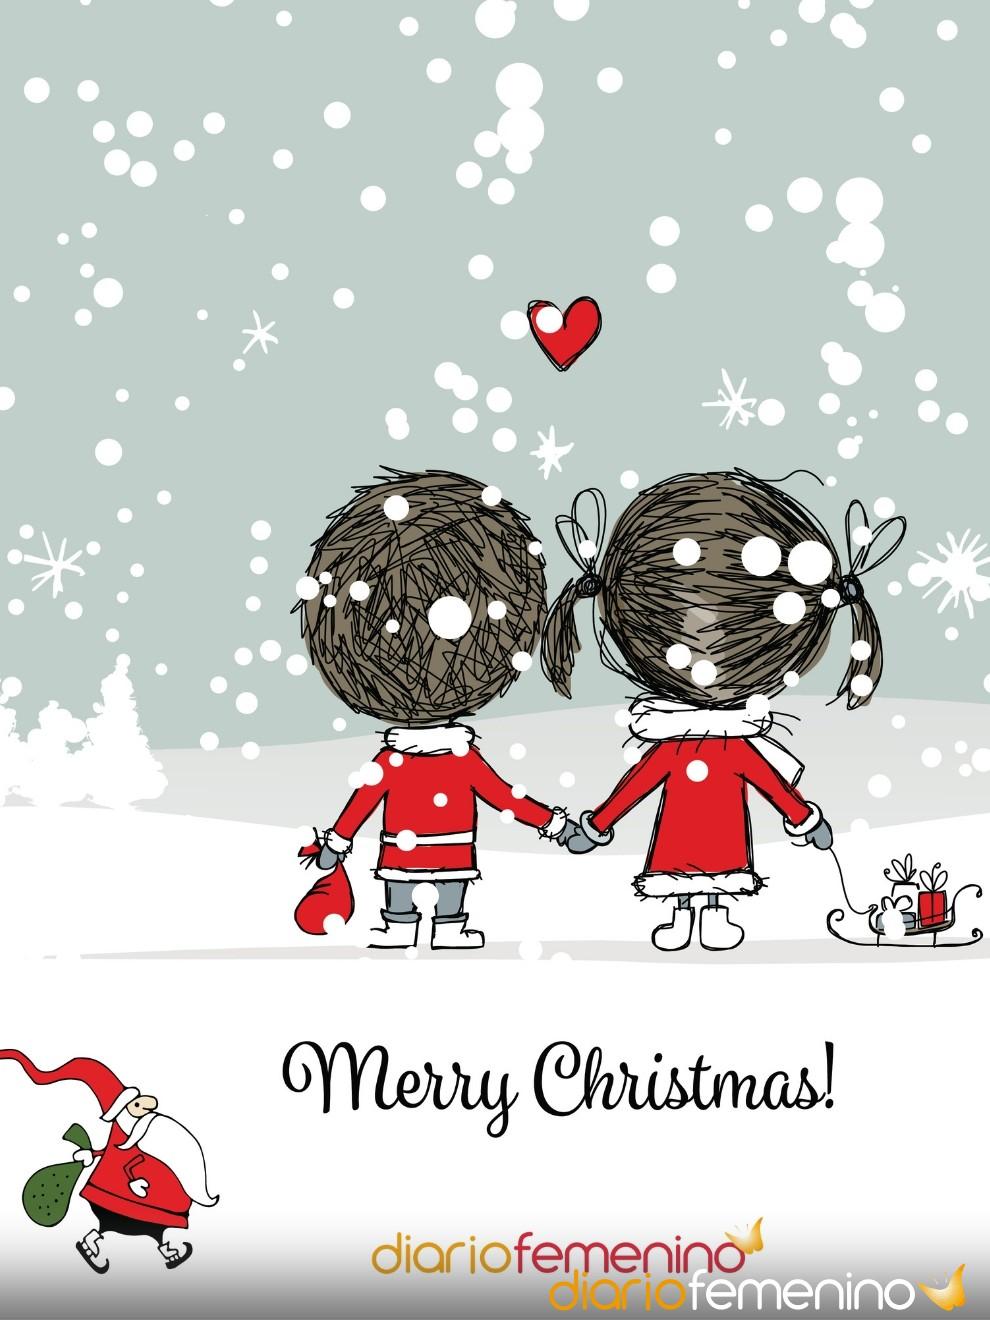 Ver Felicitaciones De Navidad Y Ano Nuevo.Tarjetas Navidenas Para Felicitar Las Fiestas Y El Ano Nuevo